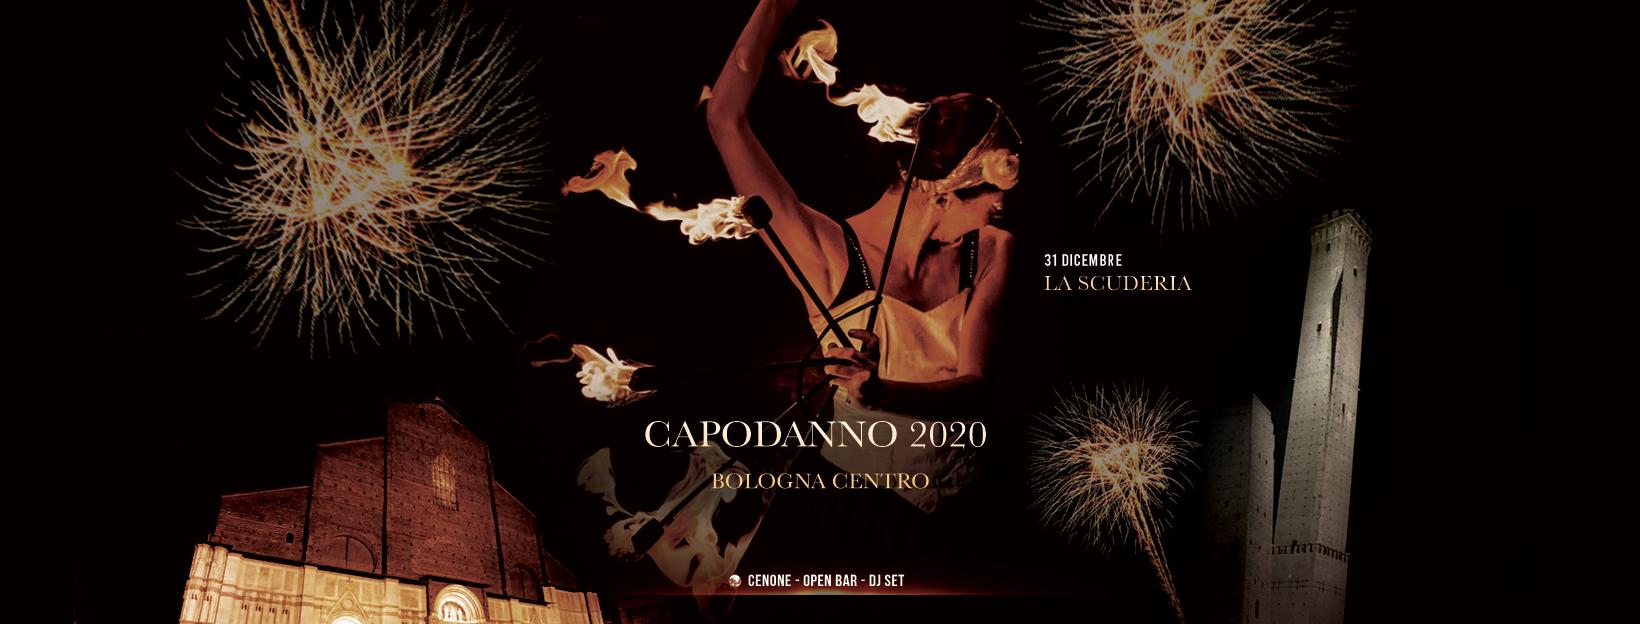 Capodanno Bologna – Prezzi